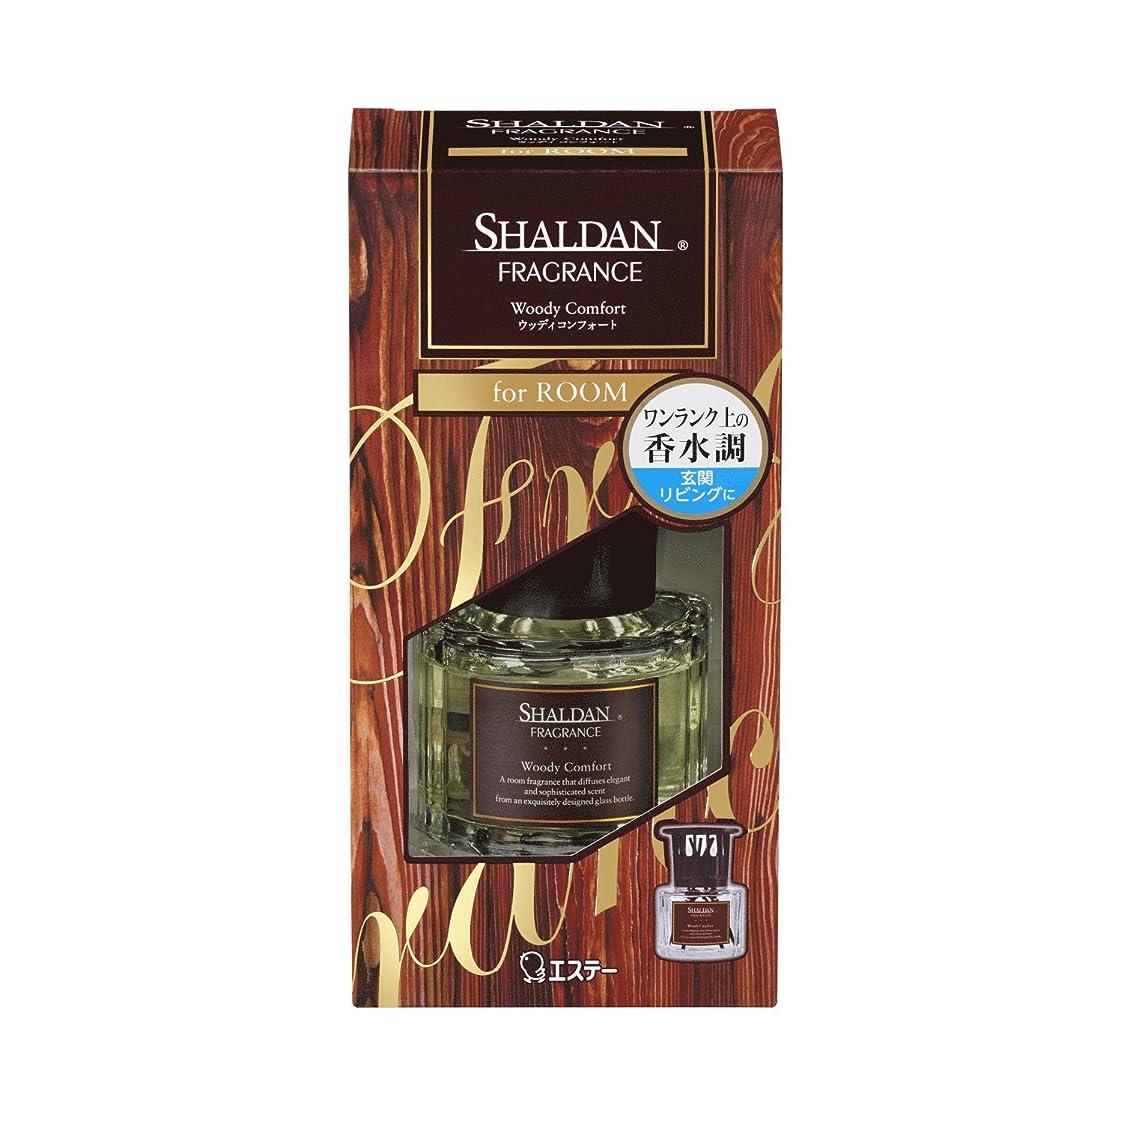 ビデオケント通路シャルダン SHALDAN フレグランス for ROOM 芳香剤 部屋用 本体 ウッディコンフォート 65mL